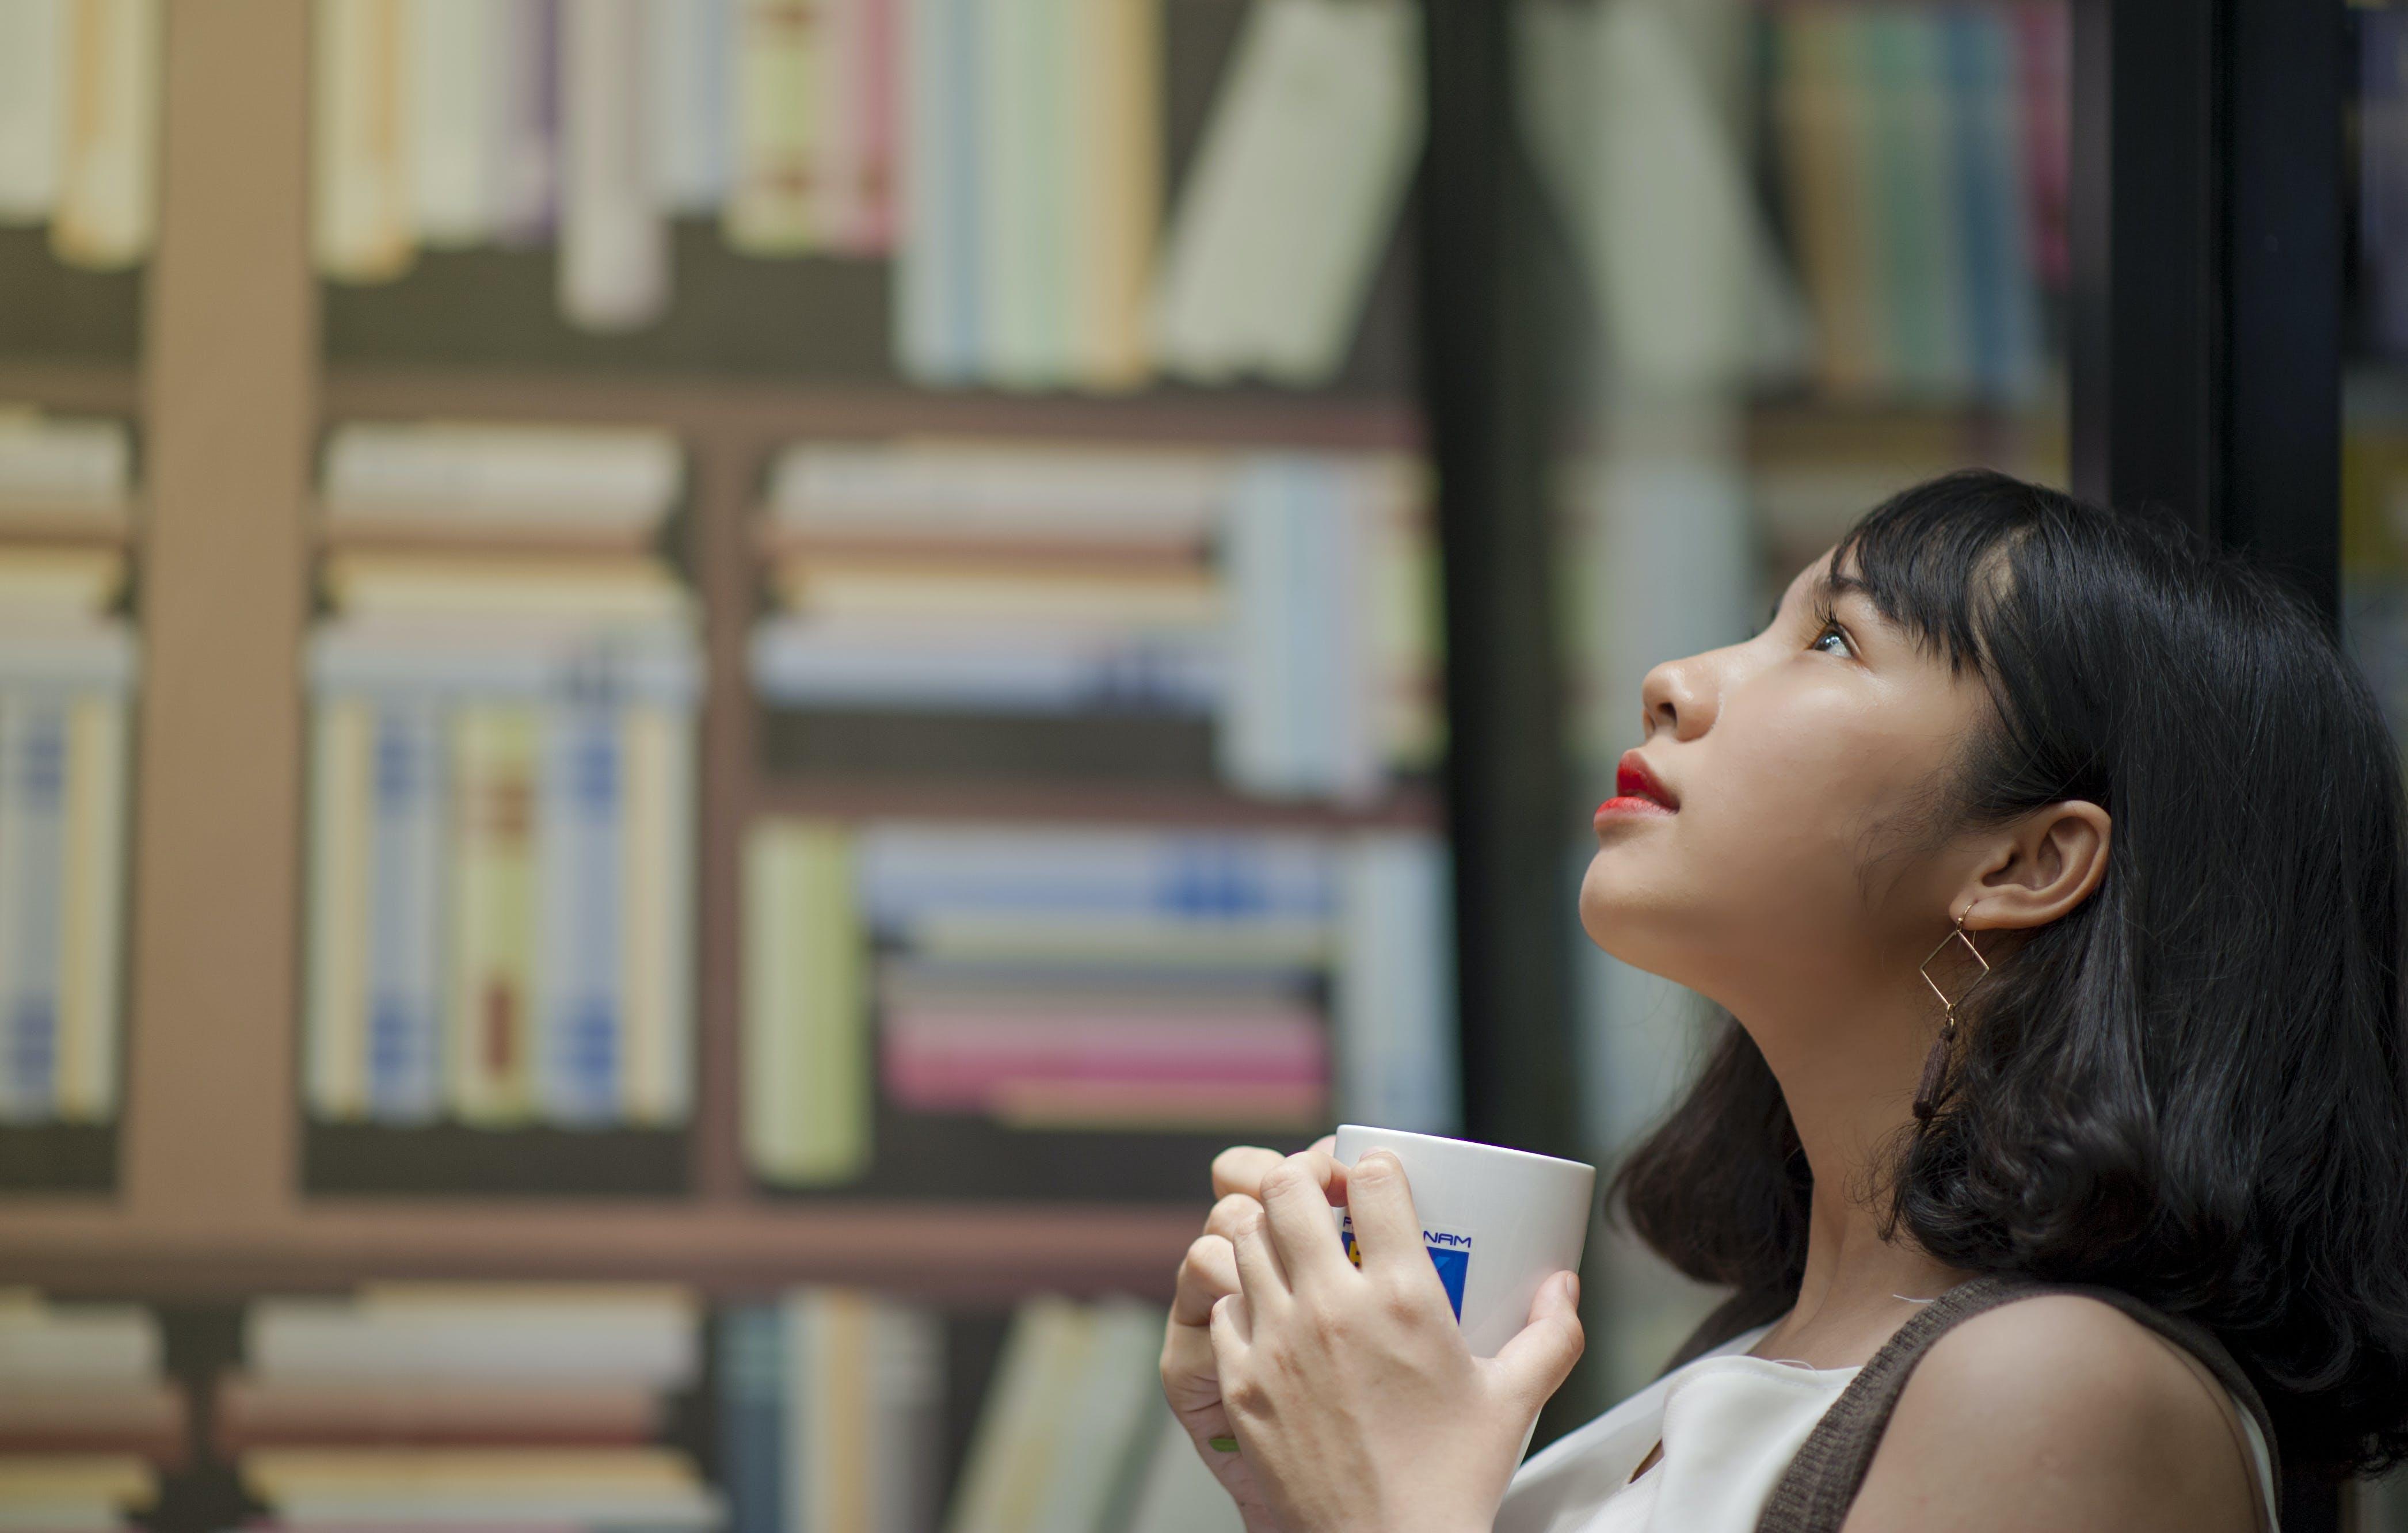 Woman Wearing White Shirt Looking on Top Holding White Ceramic Mug